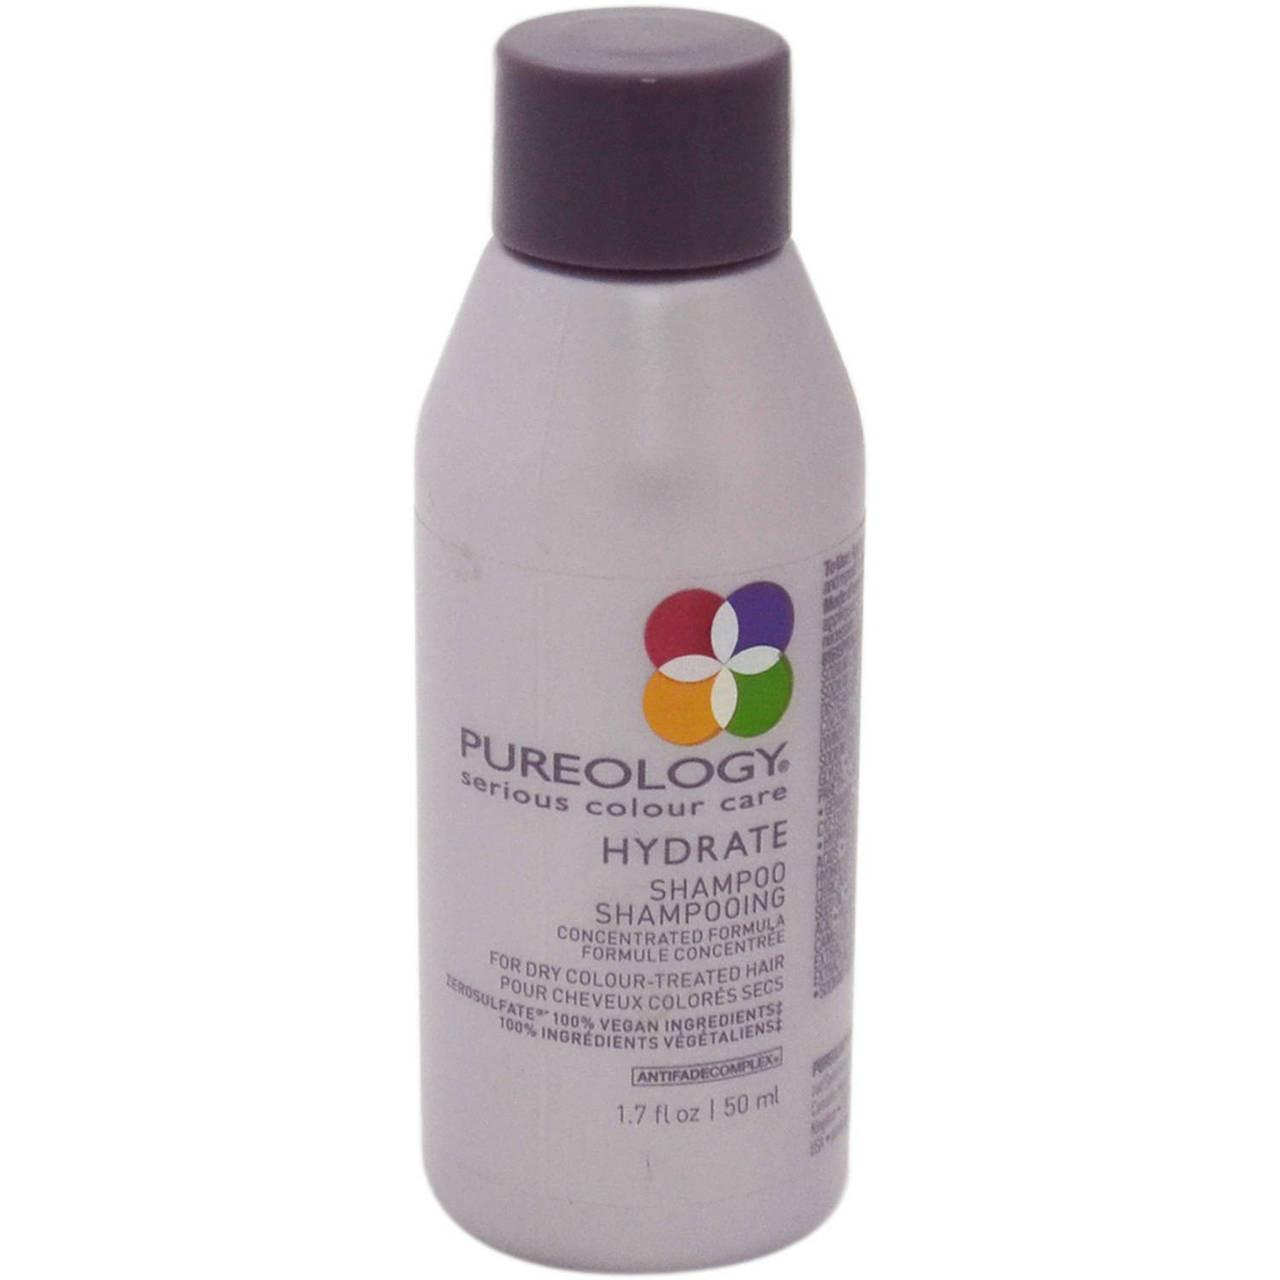 Pureology Hydrate Shampoo 1.7 oz